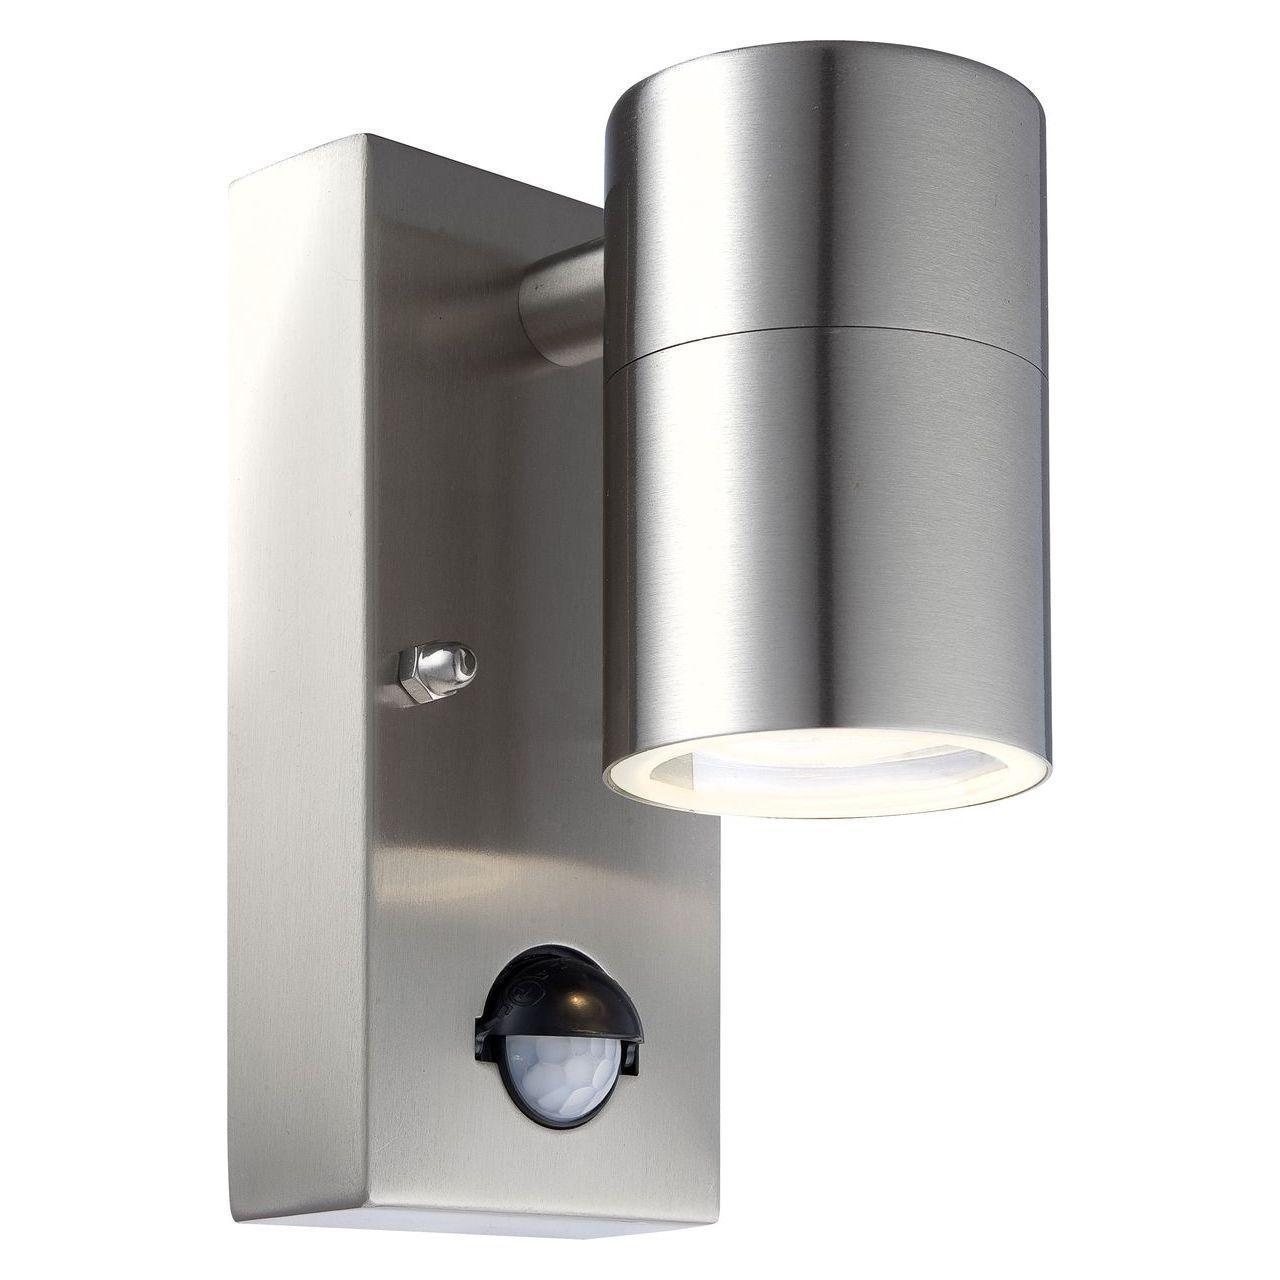 Уличный настенный светодиодный светильник Globo Style 3201SL уличный настенный светодиодный светильник globo style 3207 2l